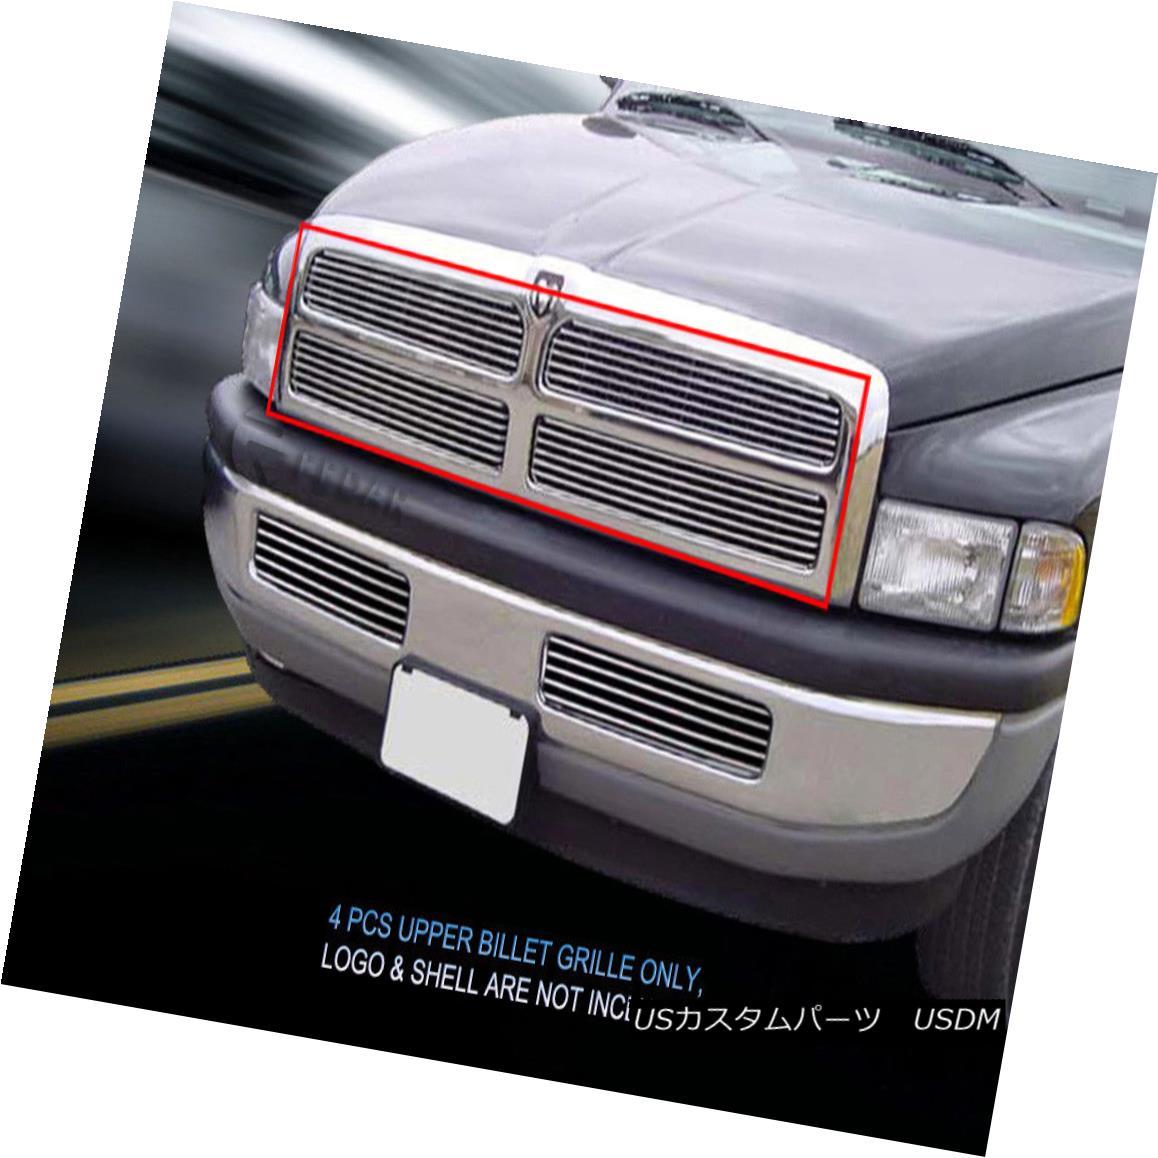 グリル 94-01 Dodge Ram Pickup Truck Billet Grille Grill Fedar 94-01ダッジ・ラム・ピックアップ・トラックビレット・グリル・グリル・フェルダー